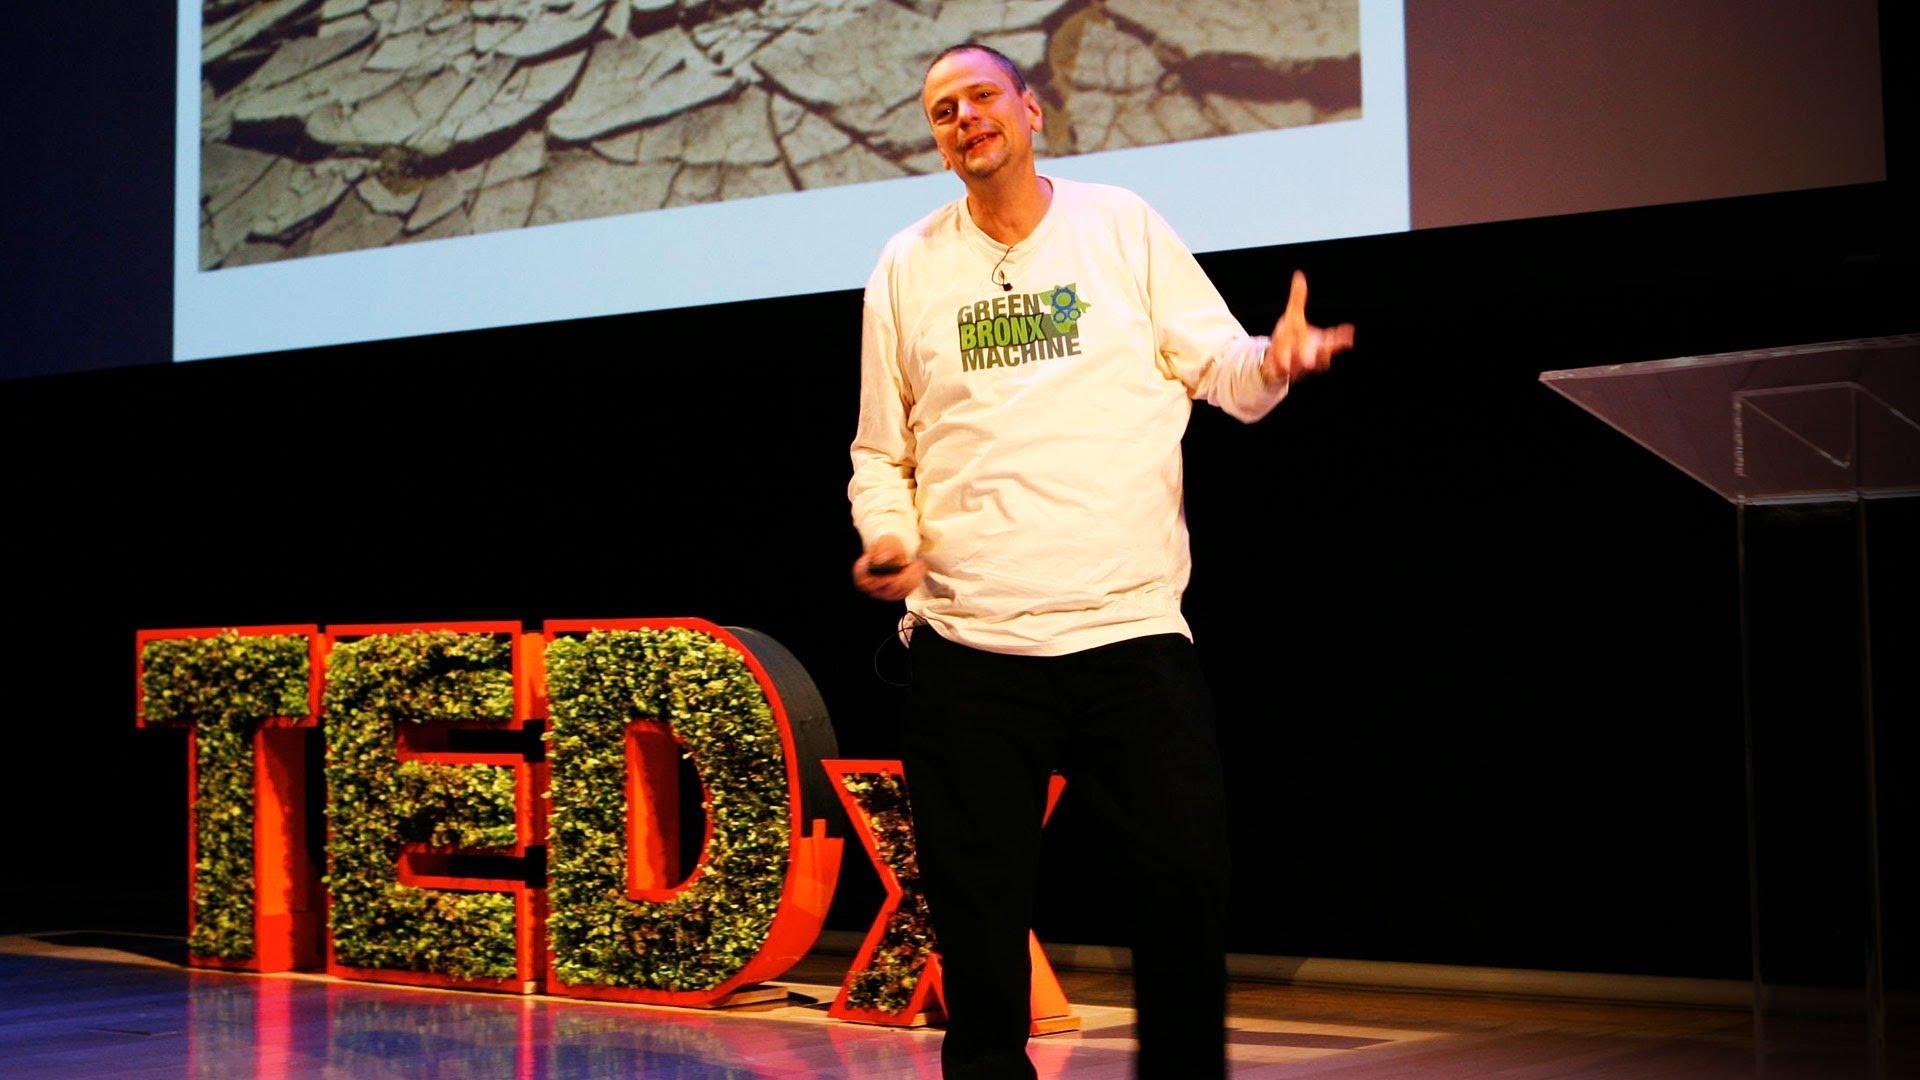 Essere green nel Bronx: il professore che sta cambiando le cose